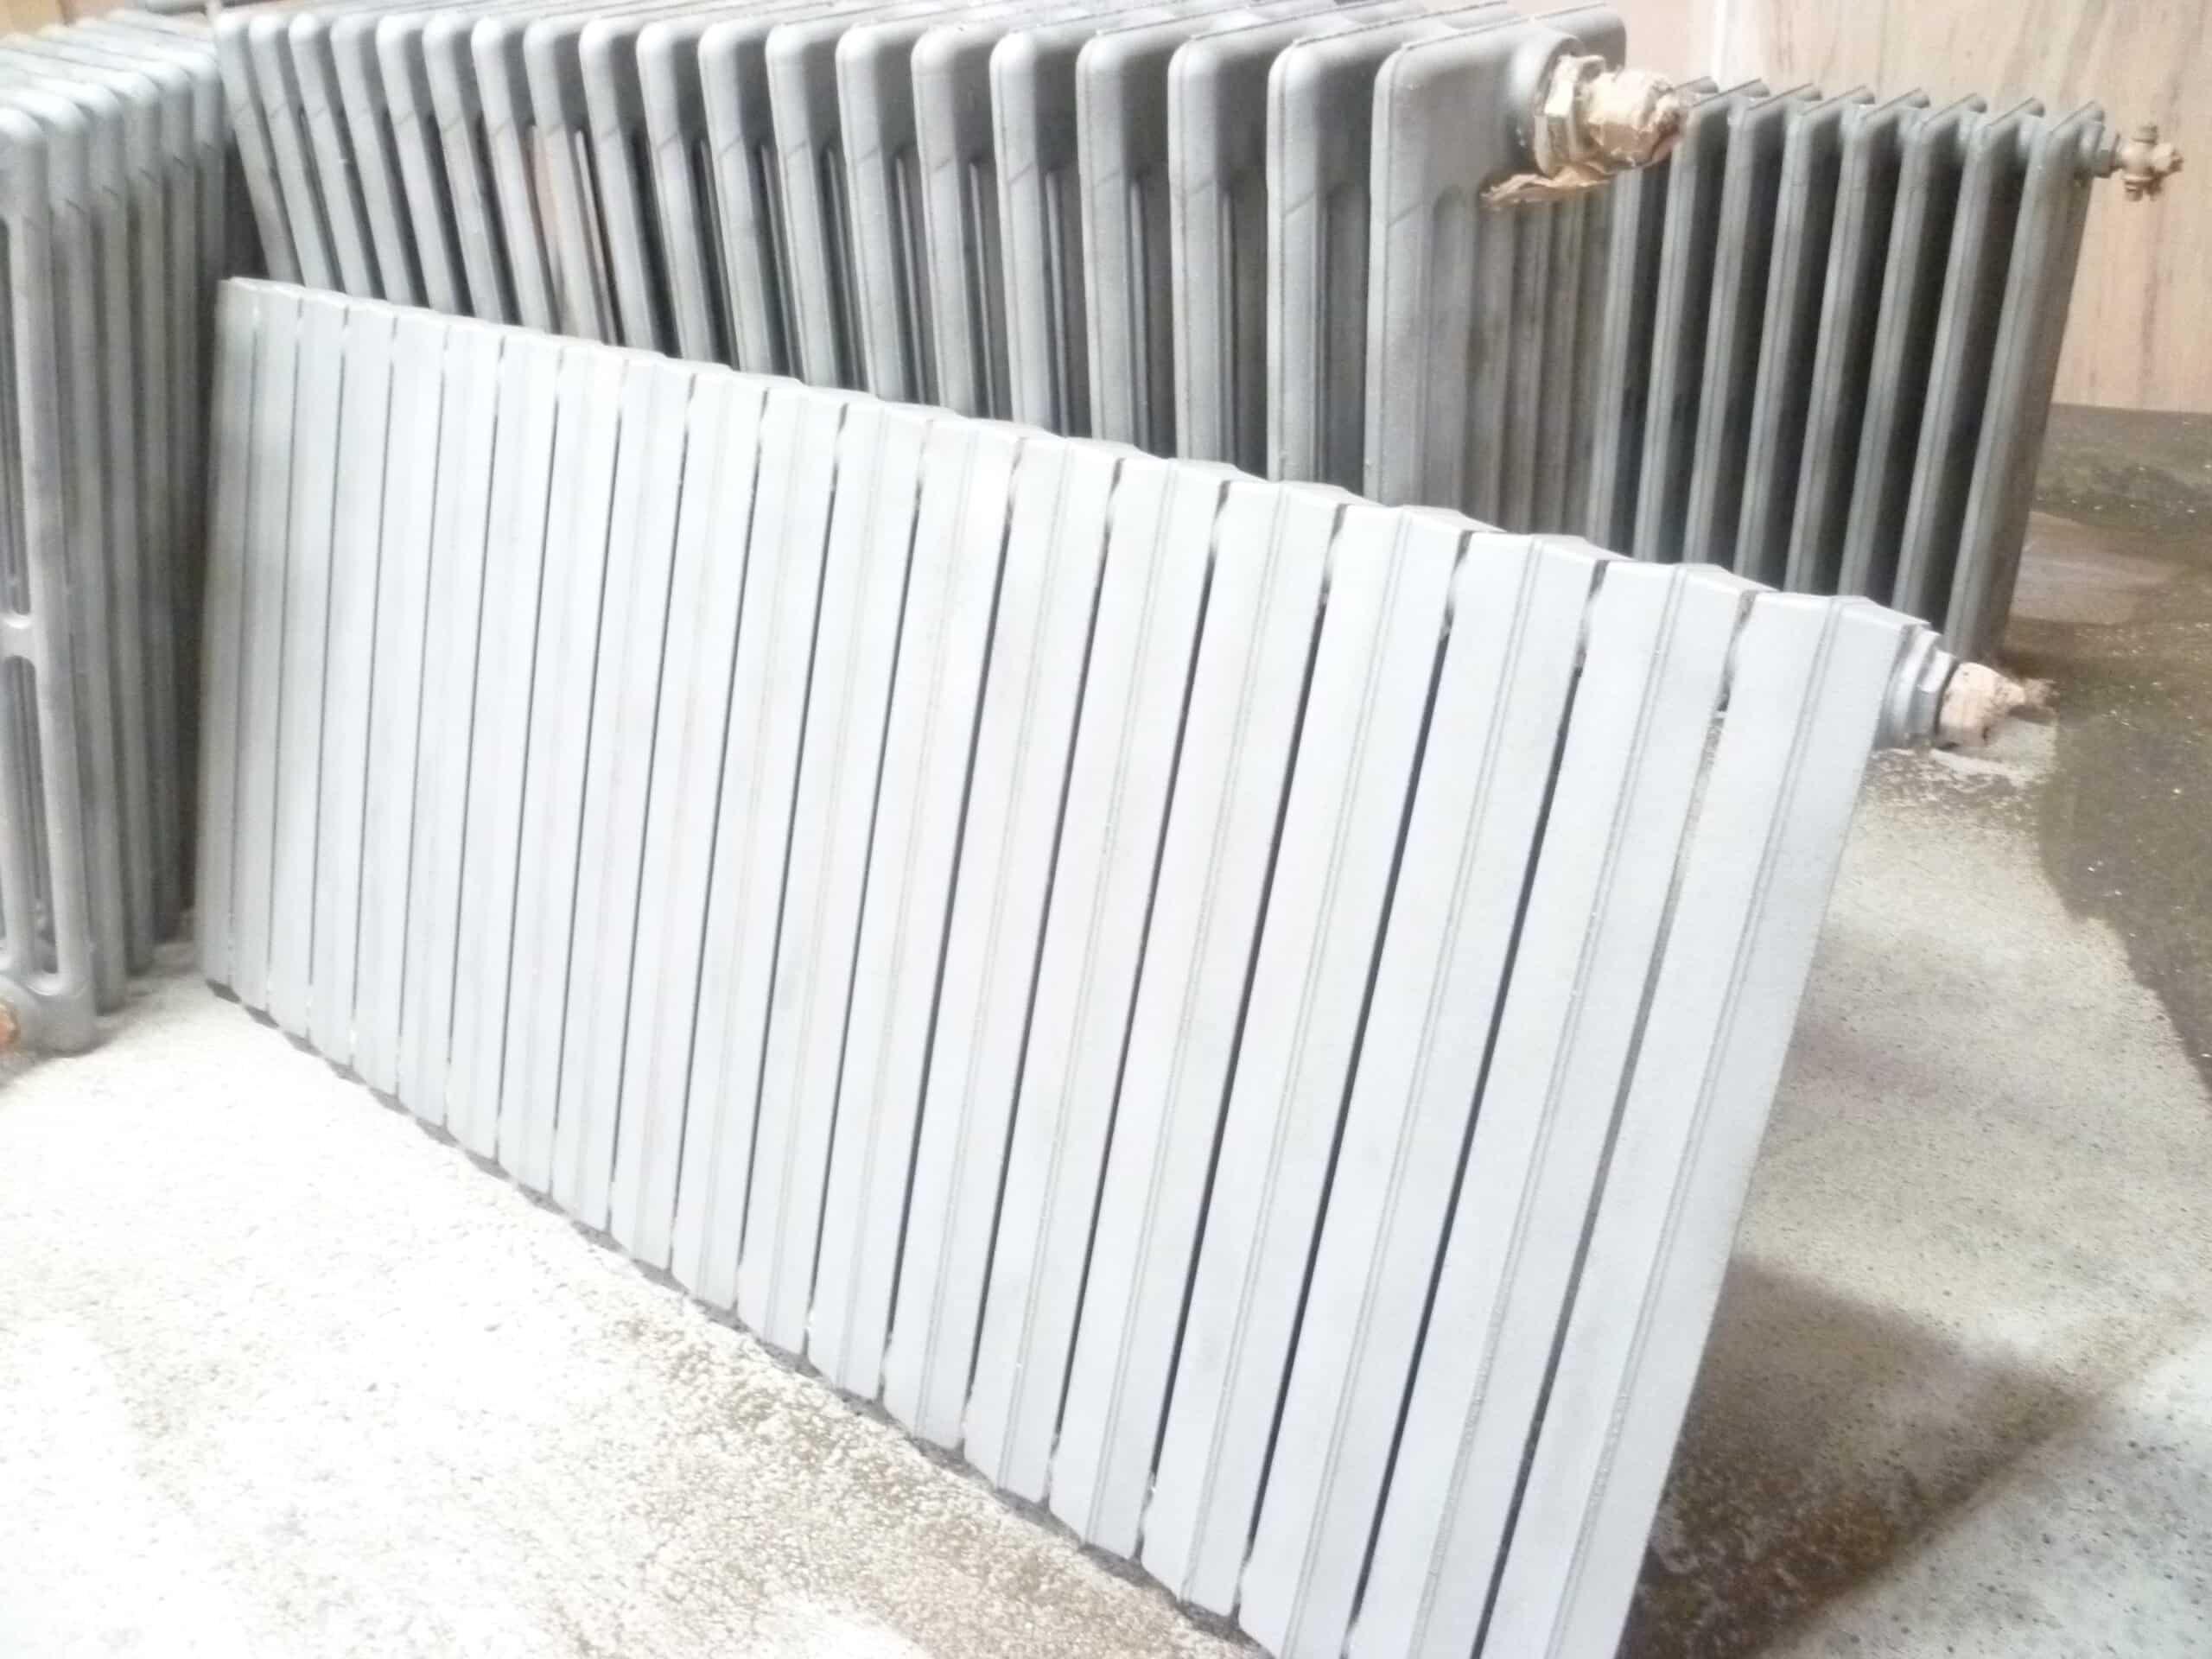 décapage par sablage de radiateurs en fonte